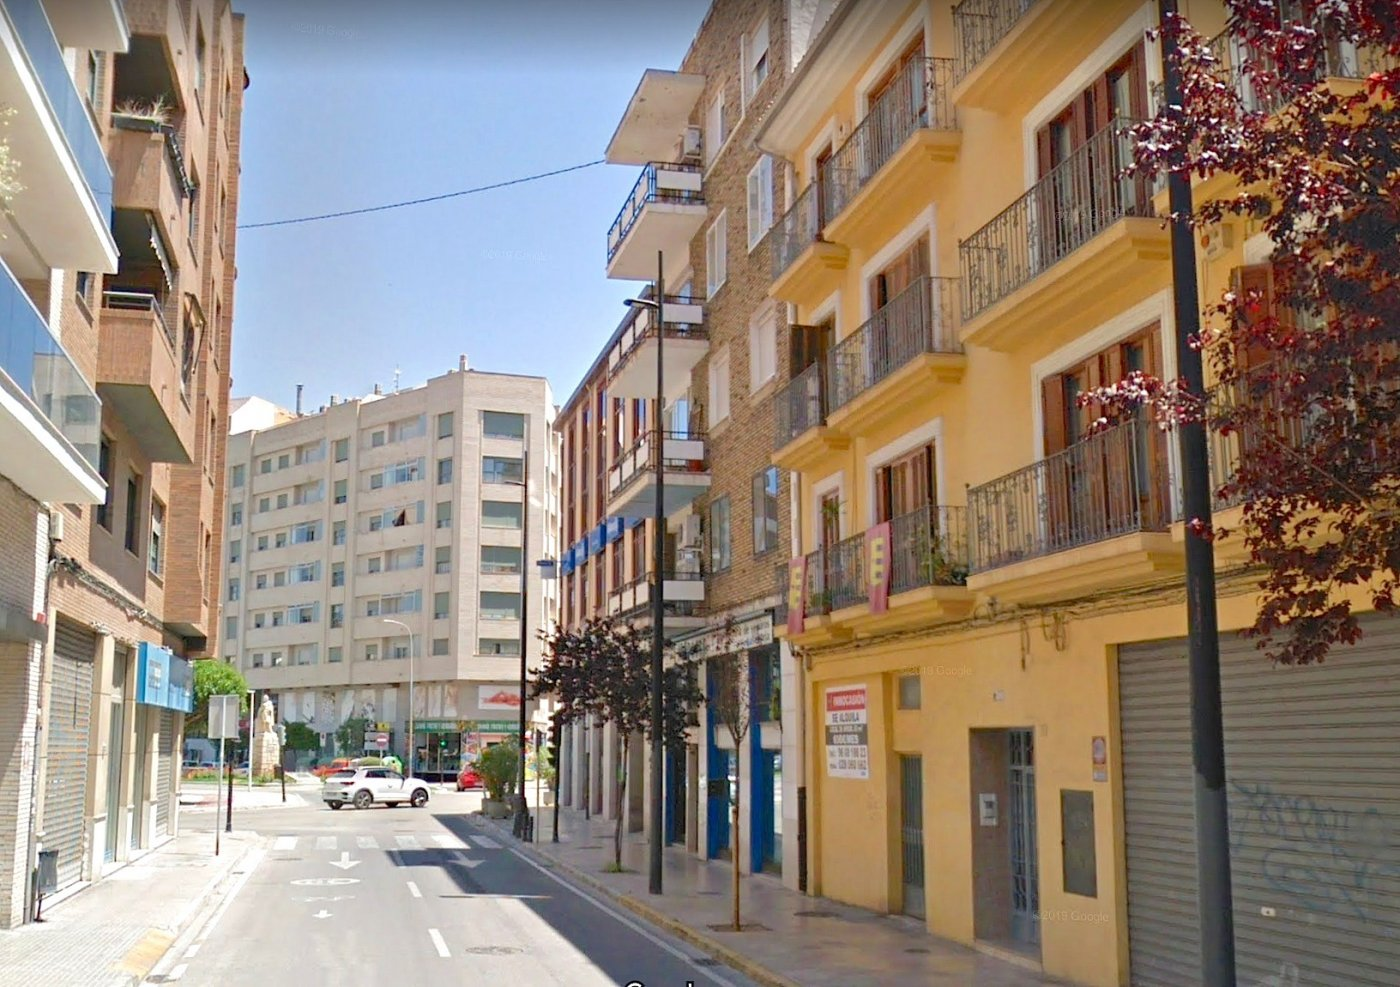 Piso céntrico en venta en calle alzira, 5, 46701, gandia (valencia) - imagenInmueble0